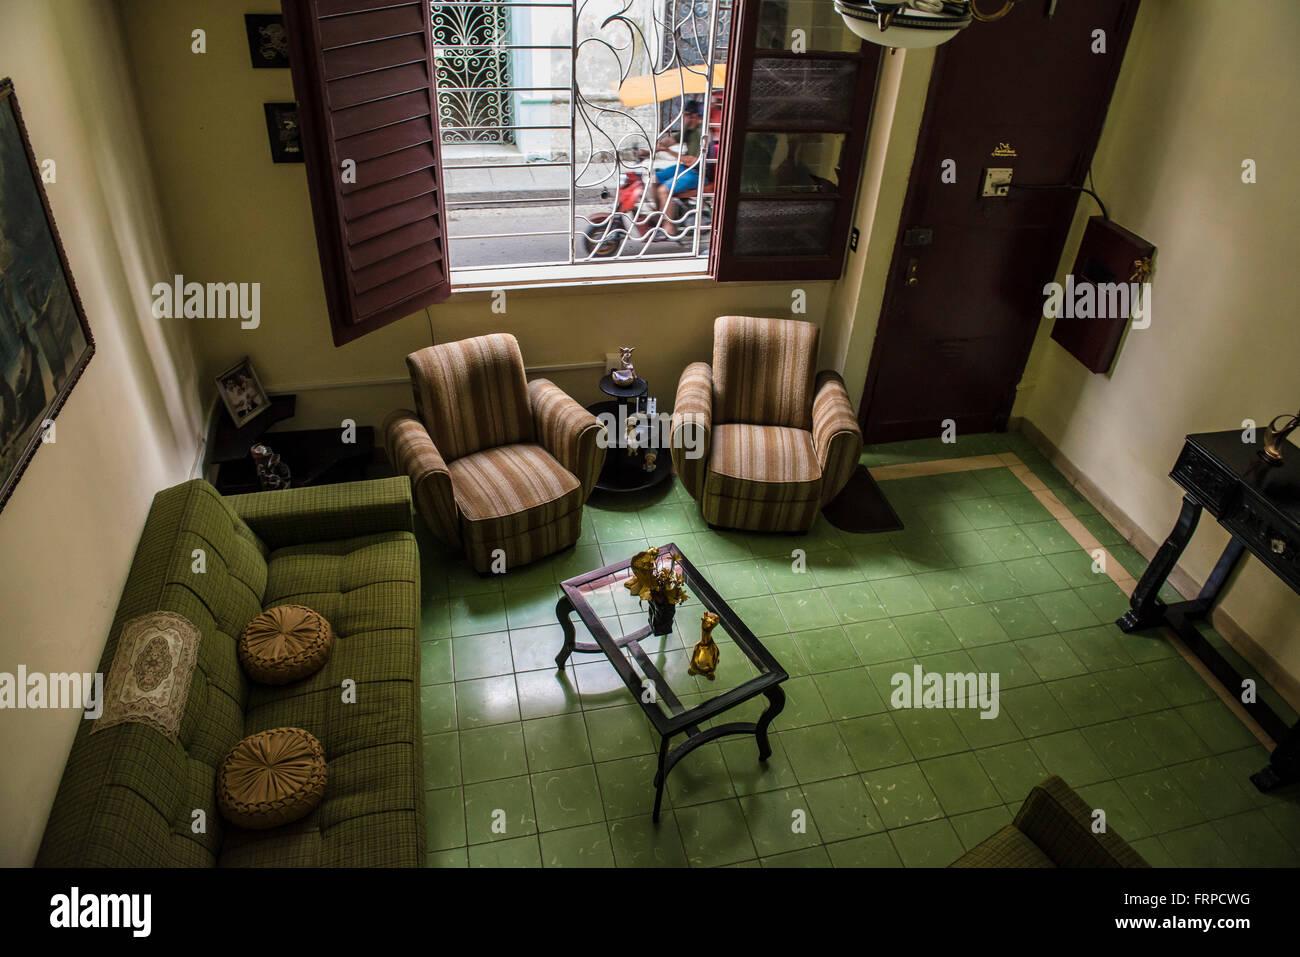 Un elevato angolo di visione di un cubano di soggiorno. Santa Clara ...